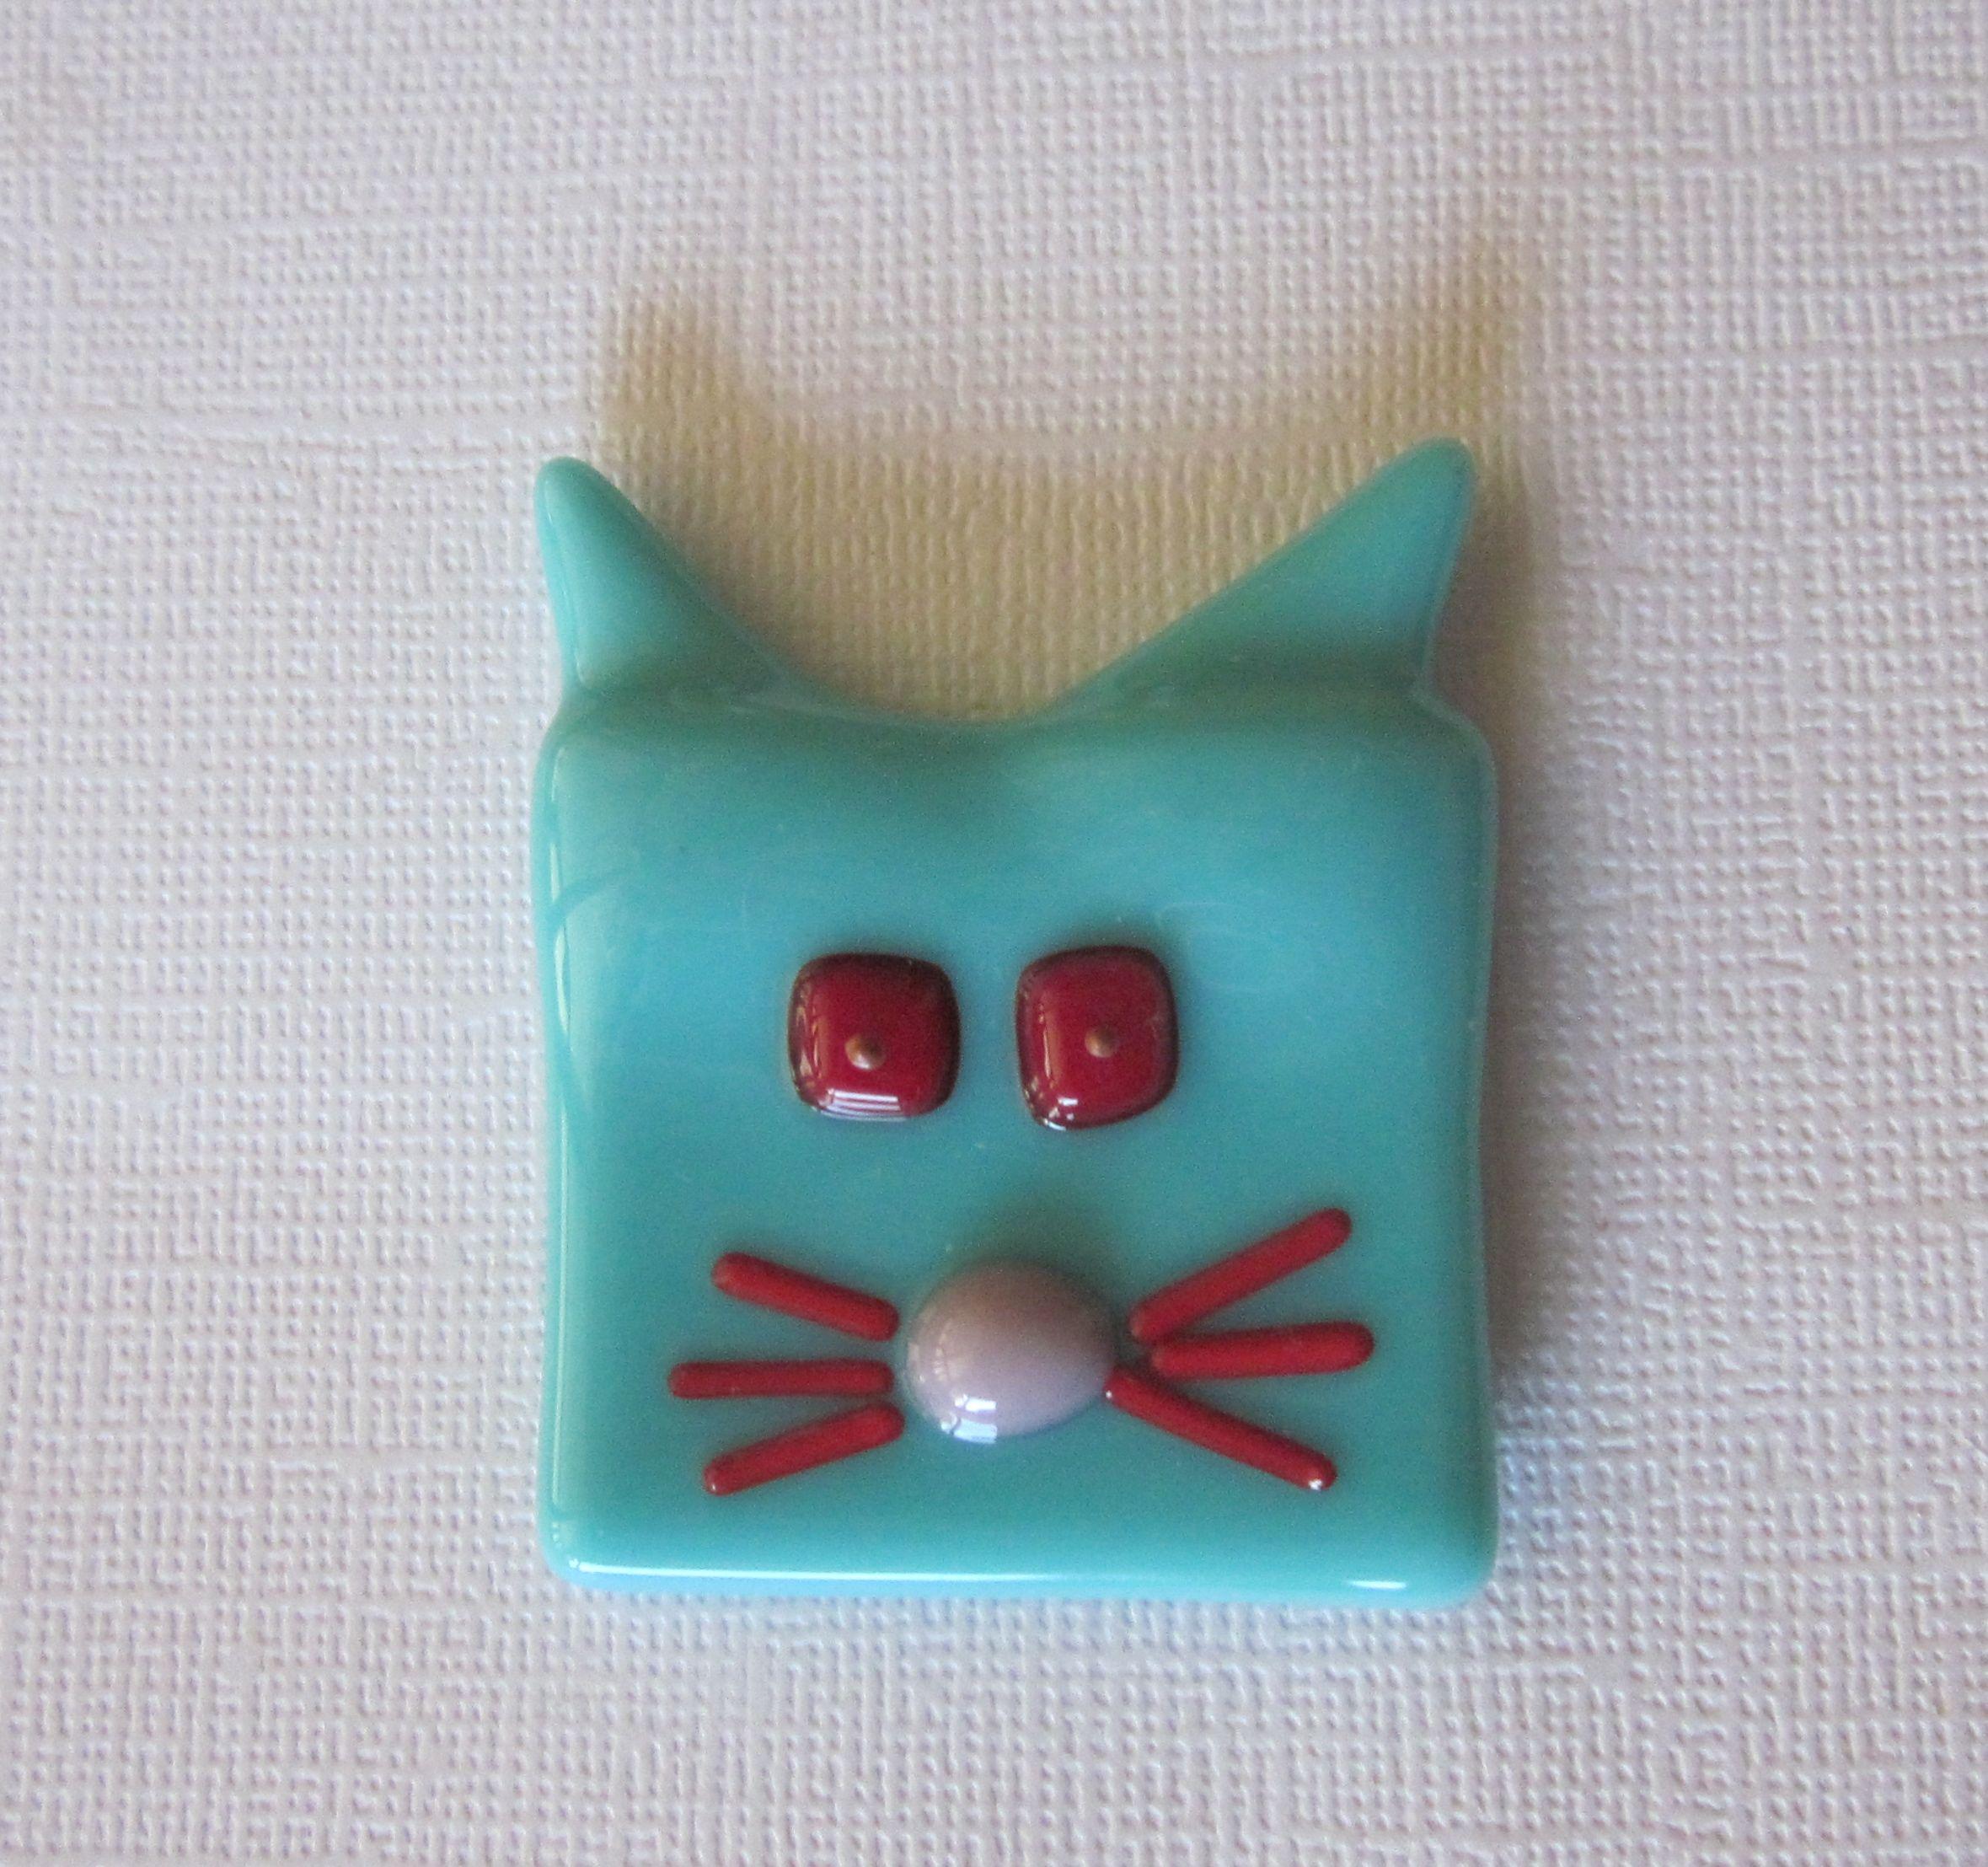 www.ebay.com/usr/mattsglassact